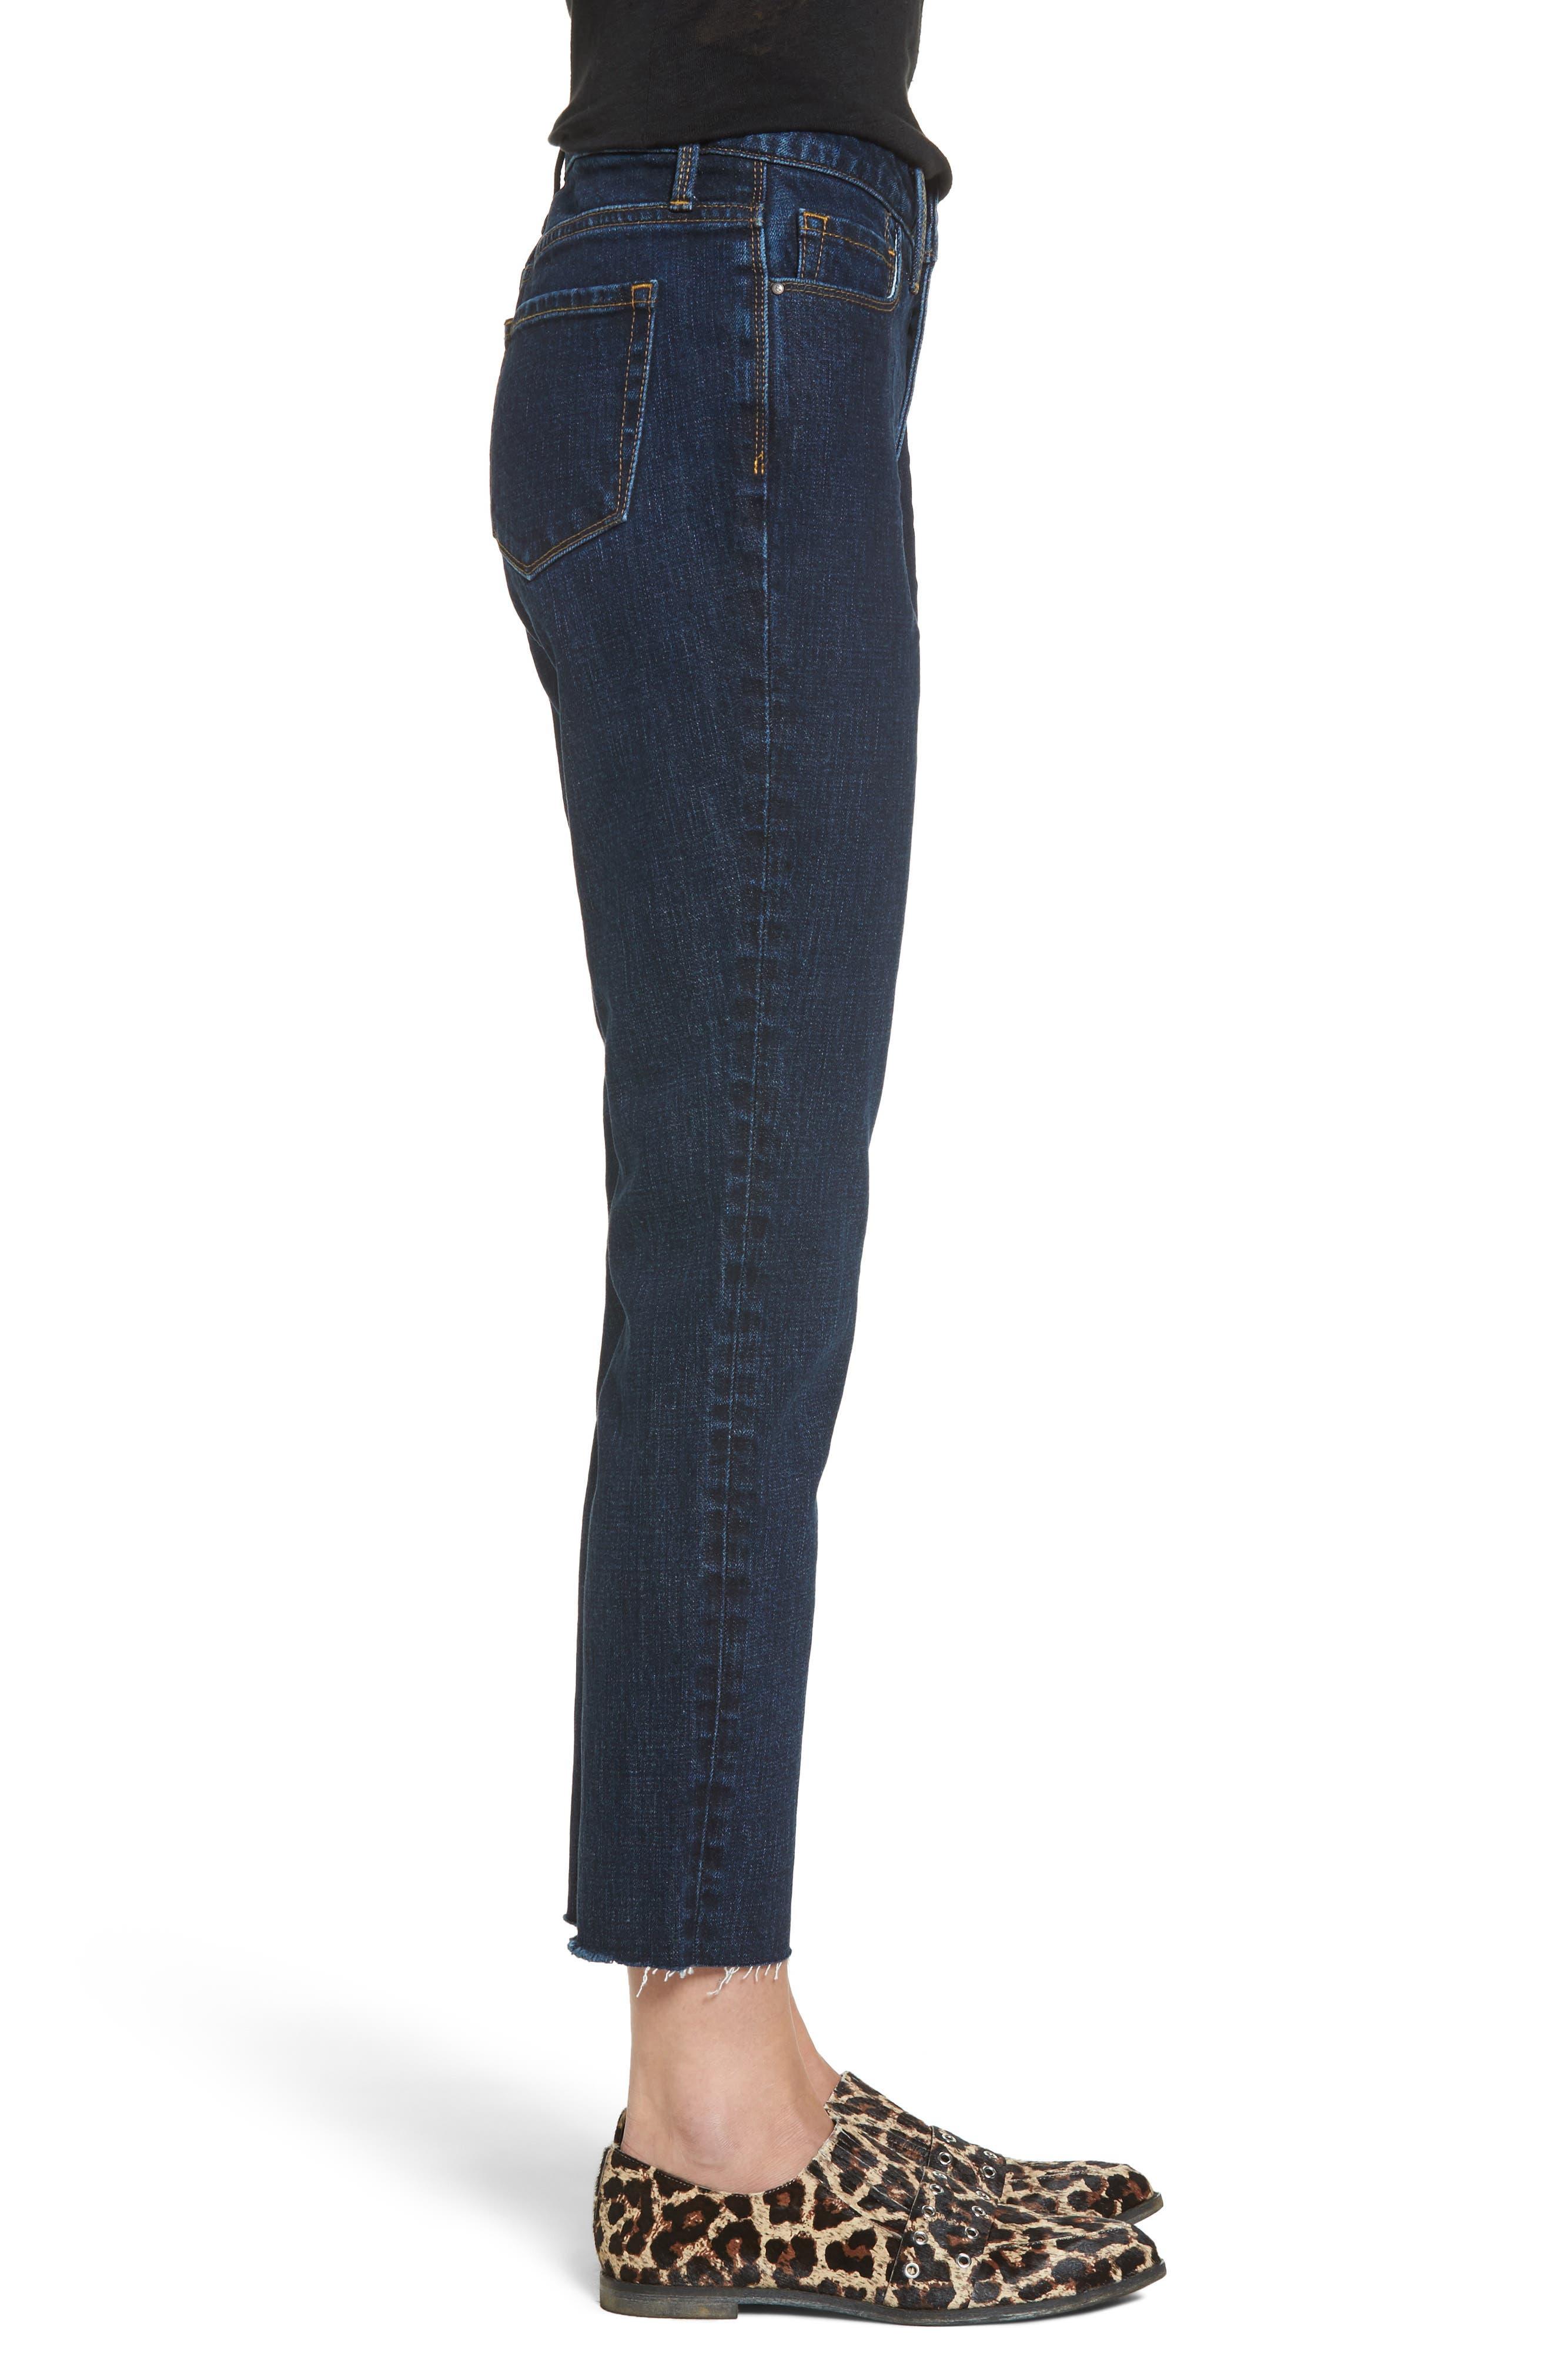 Alternate Image 3  - Treasure & Bond Bond Loose Fit Skinny Ankle Jeans (Granite Dark Vintage)